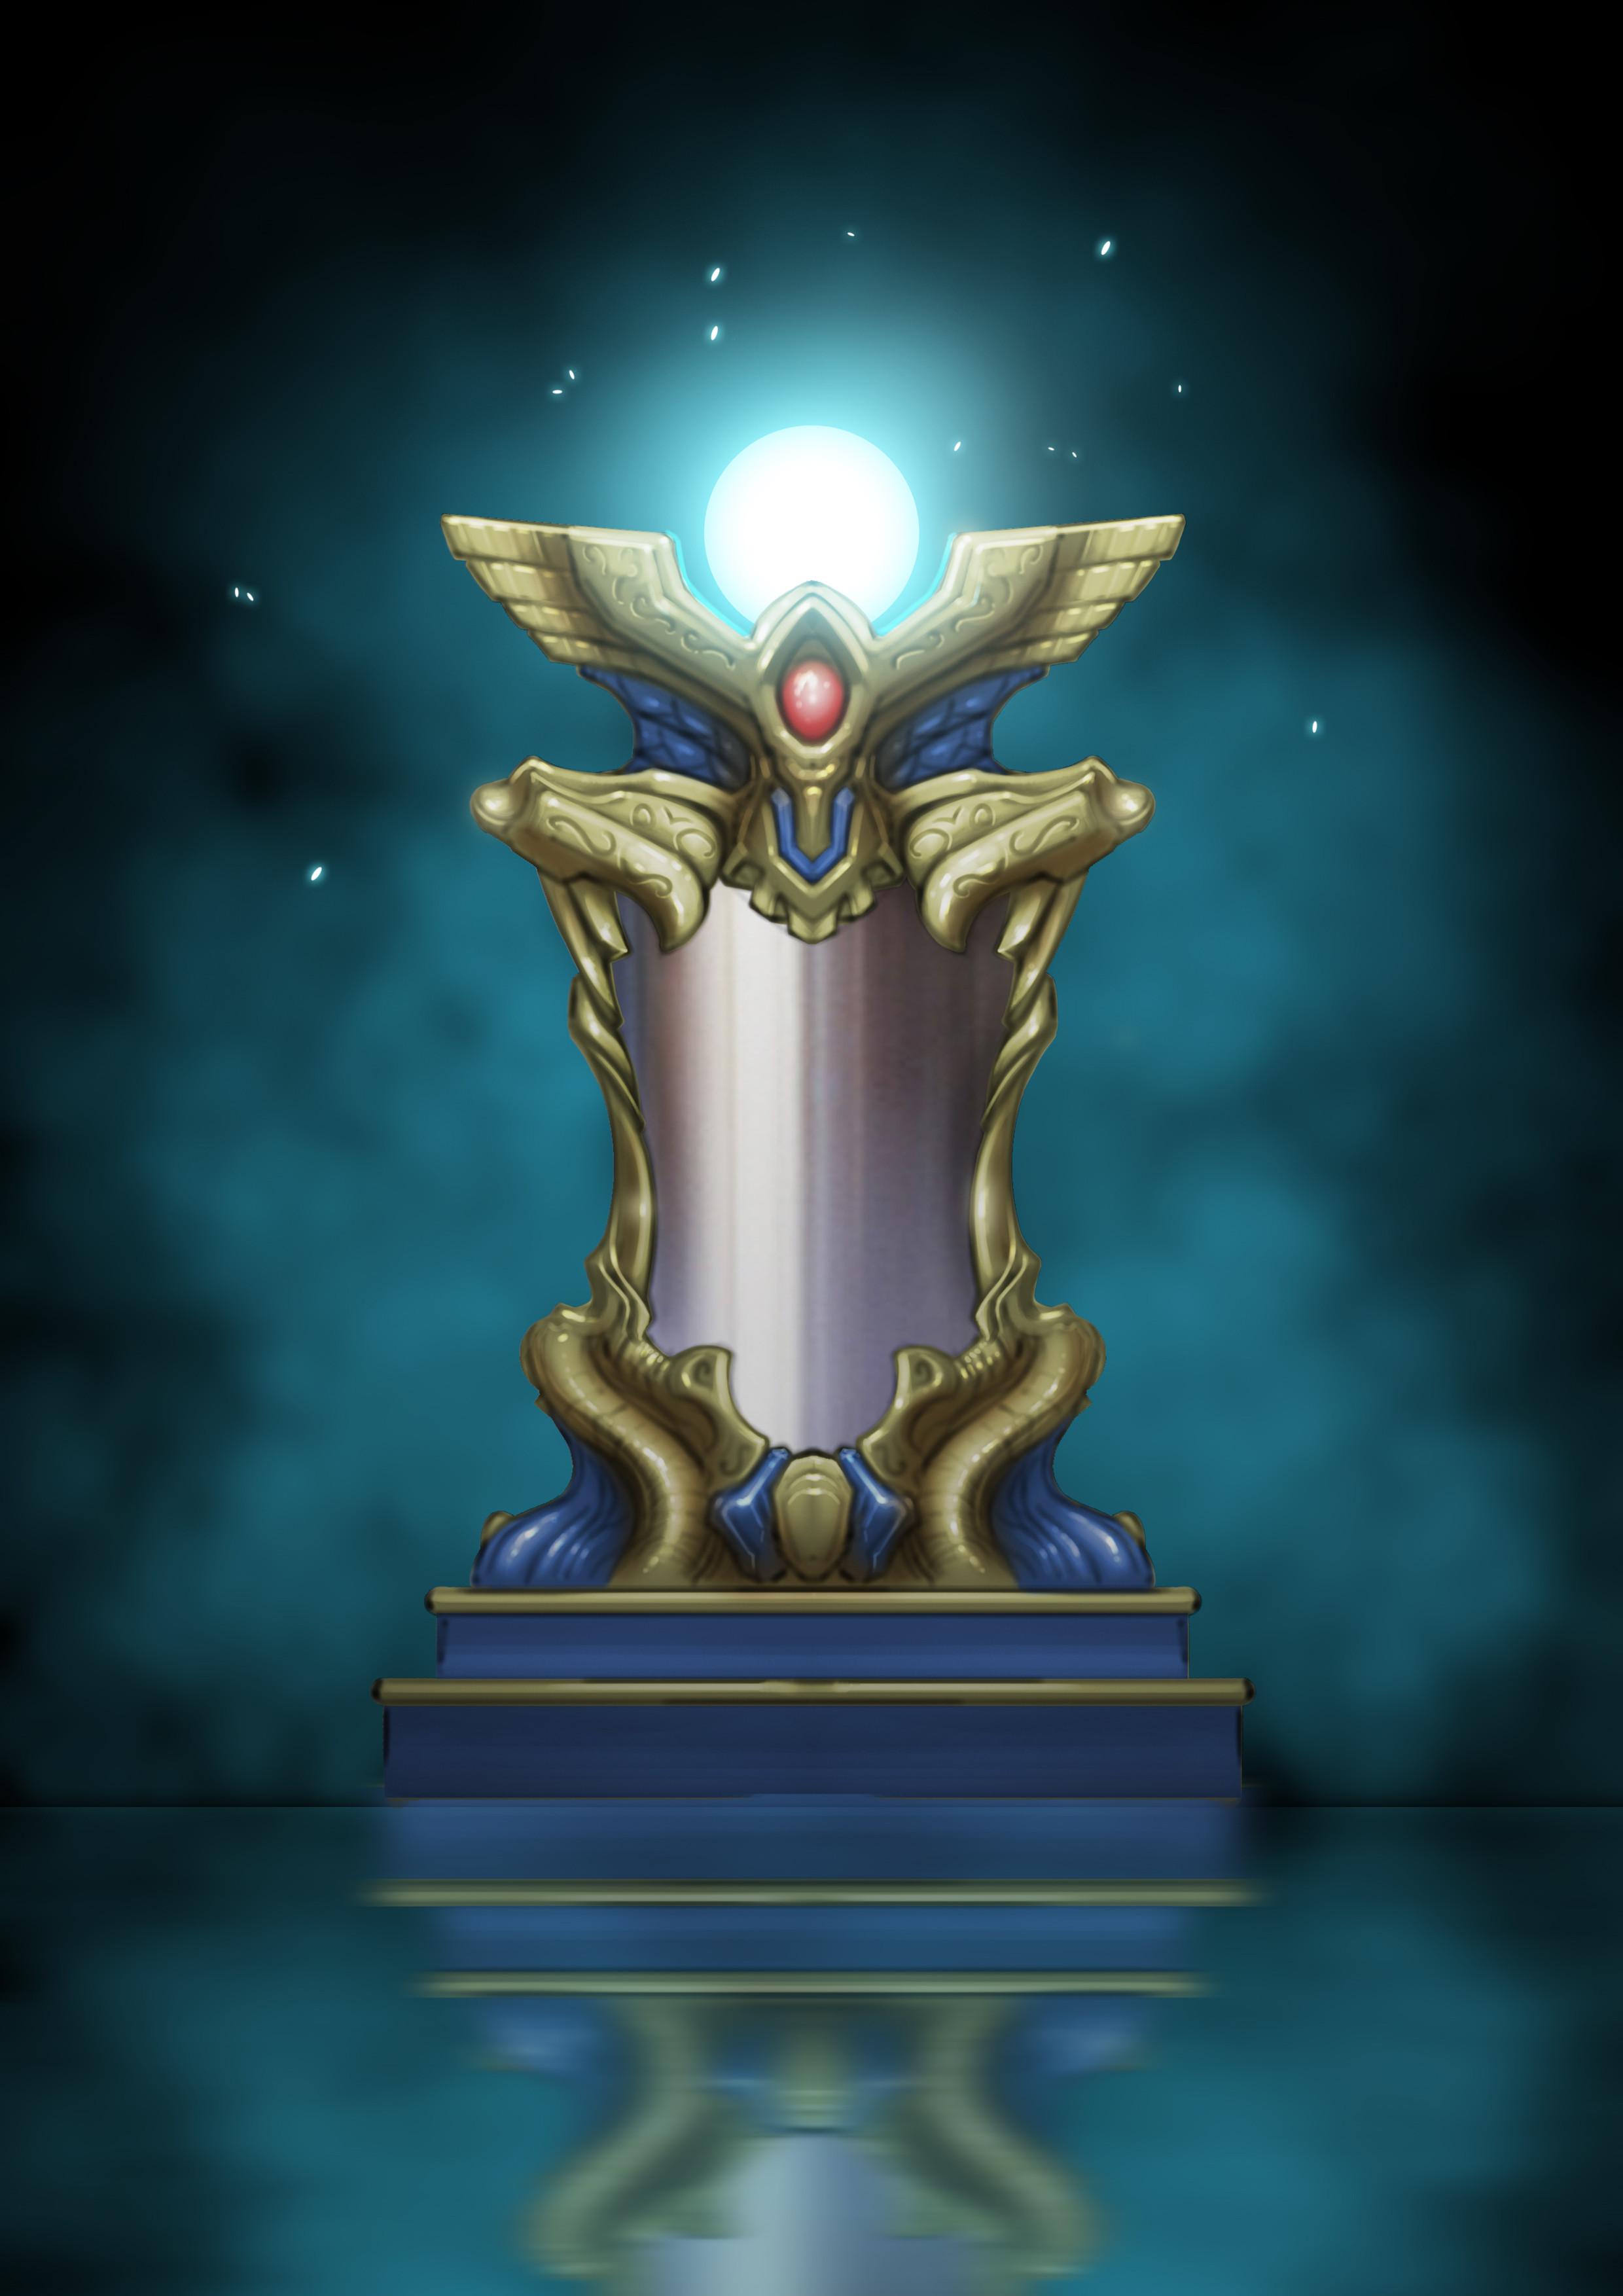 Ball of Light Pedestal